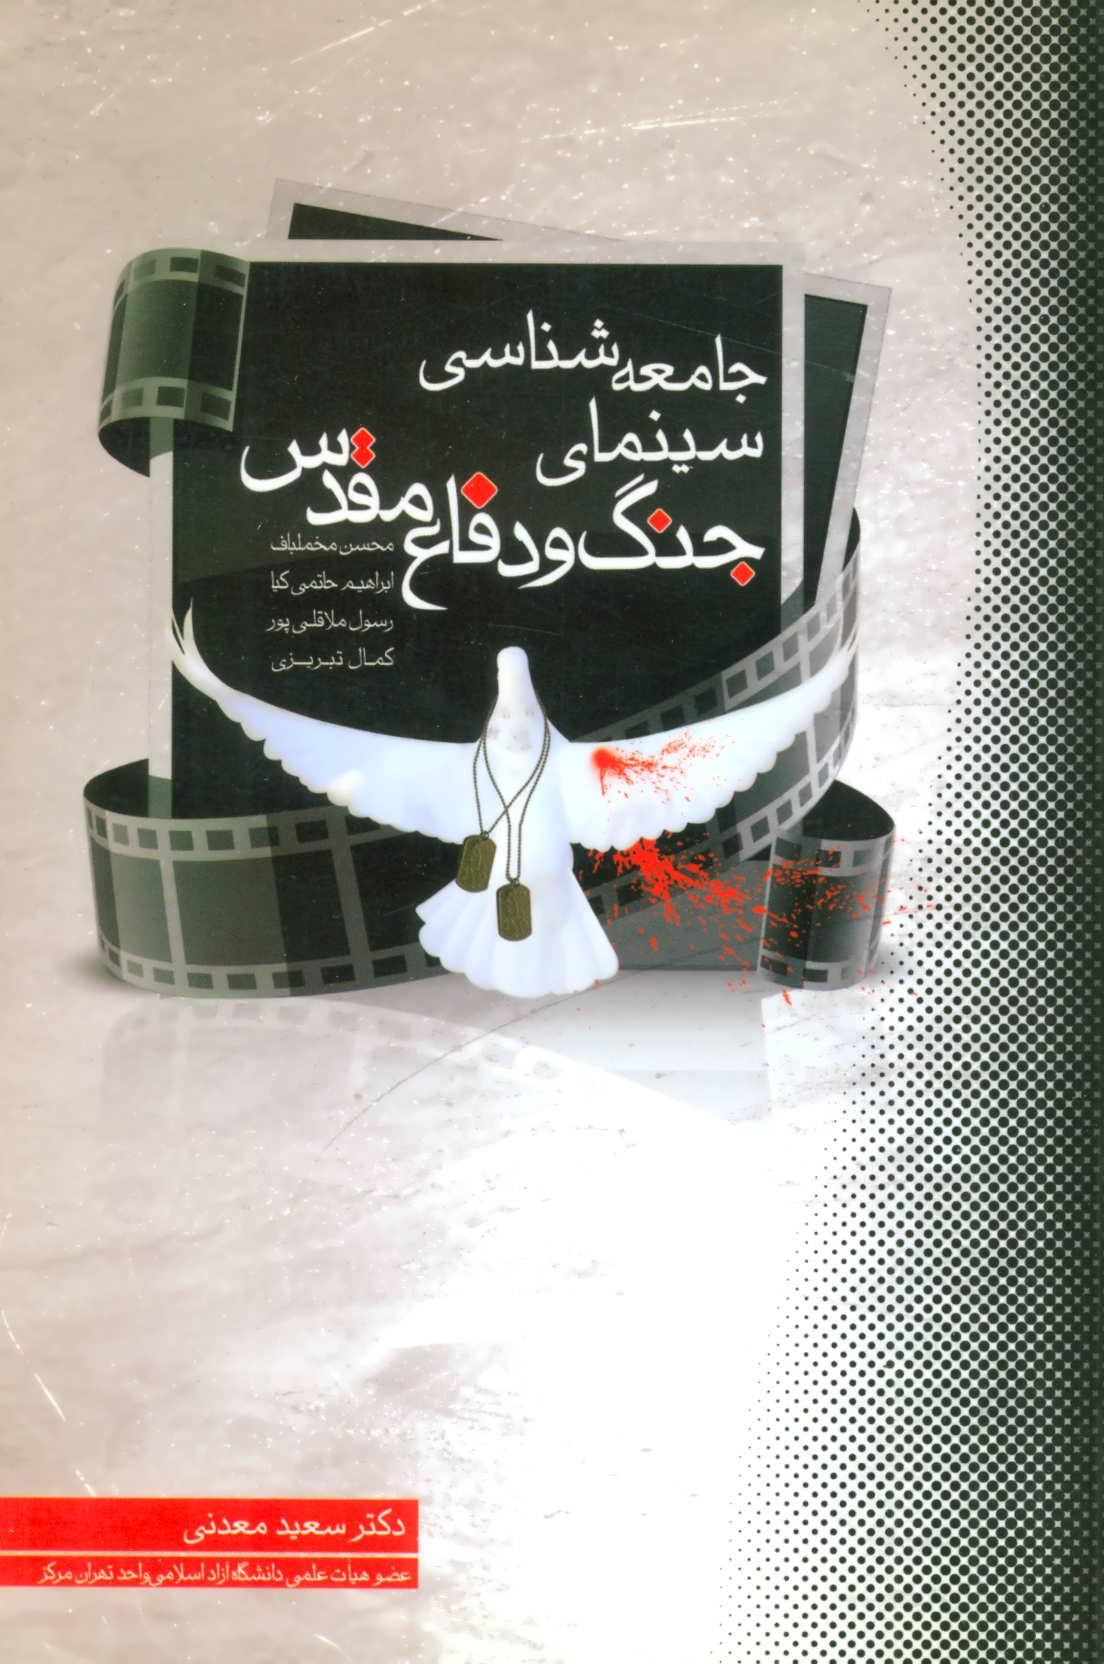 کتاب جامعهشناسی سینمای جنگ و دفاع مقدس